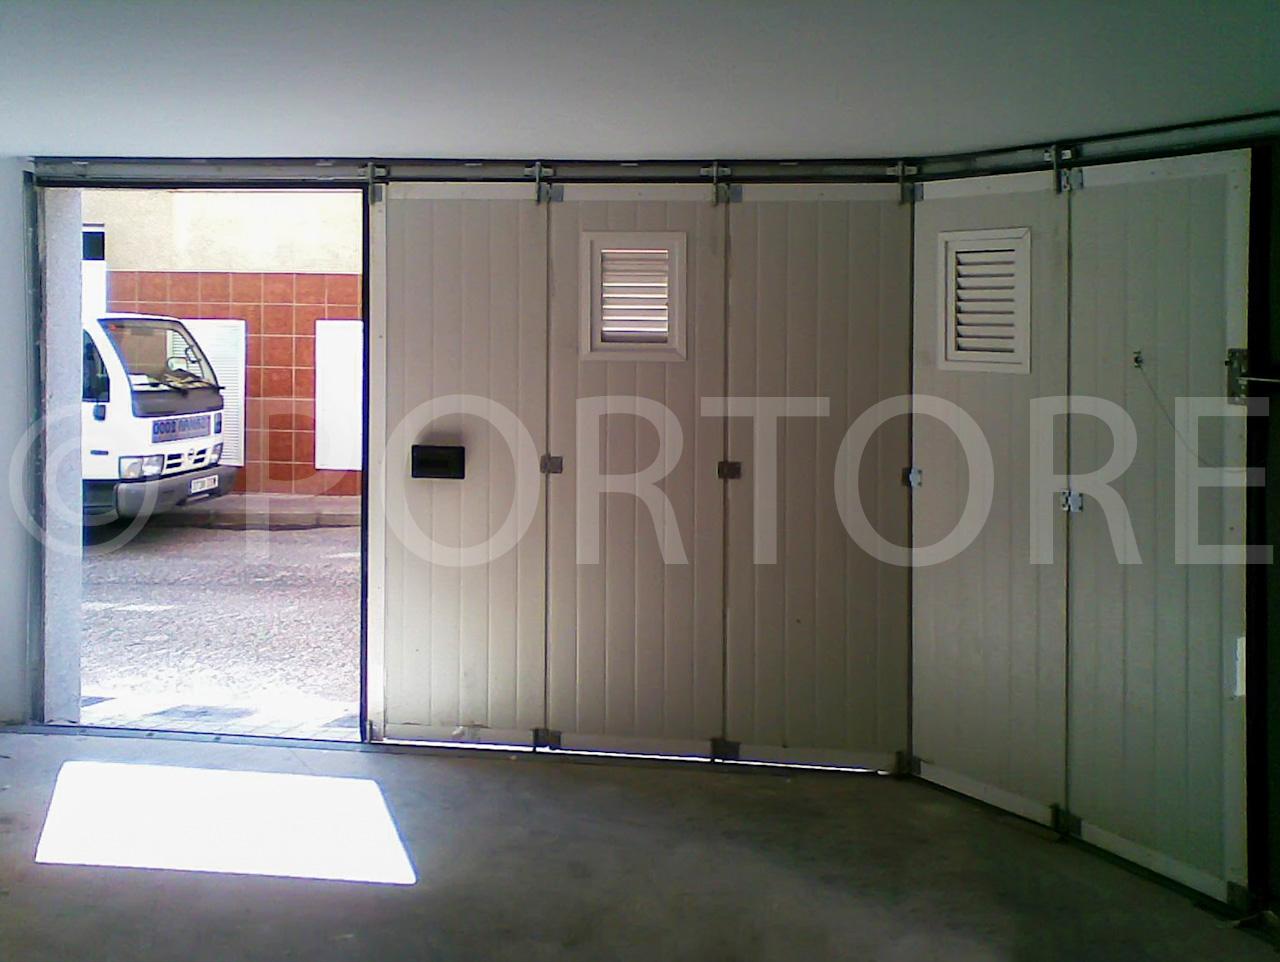 Portore s a puerta corredera curva de panel sandwich for Herrajes puertas correderas garaje